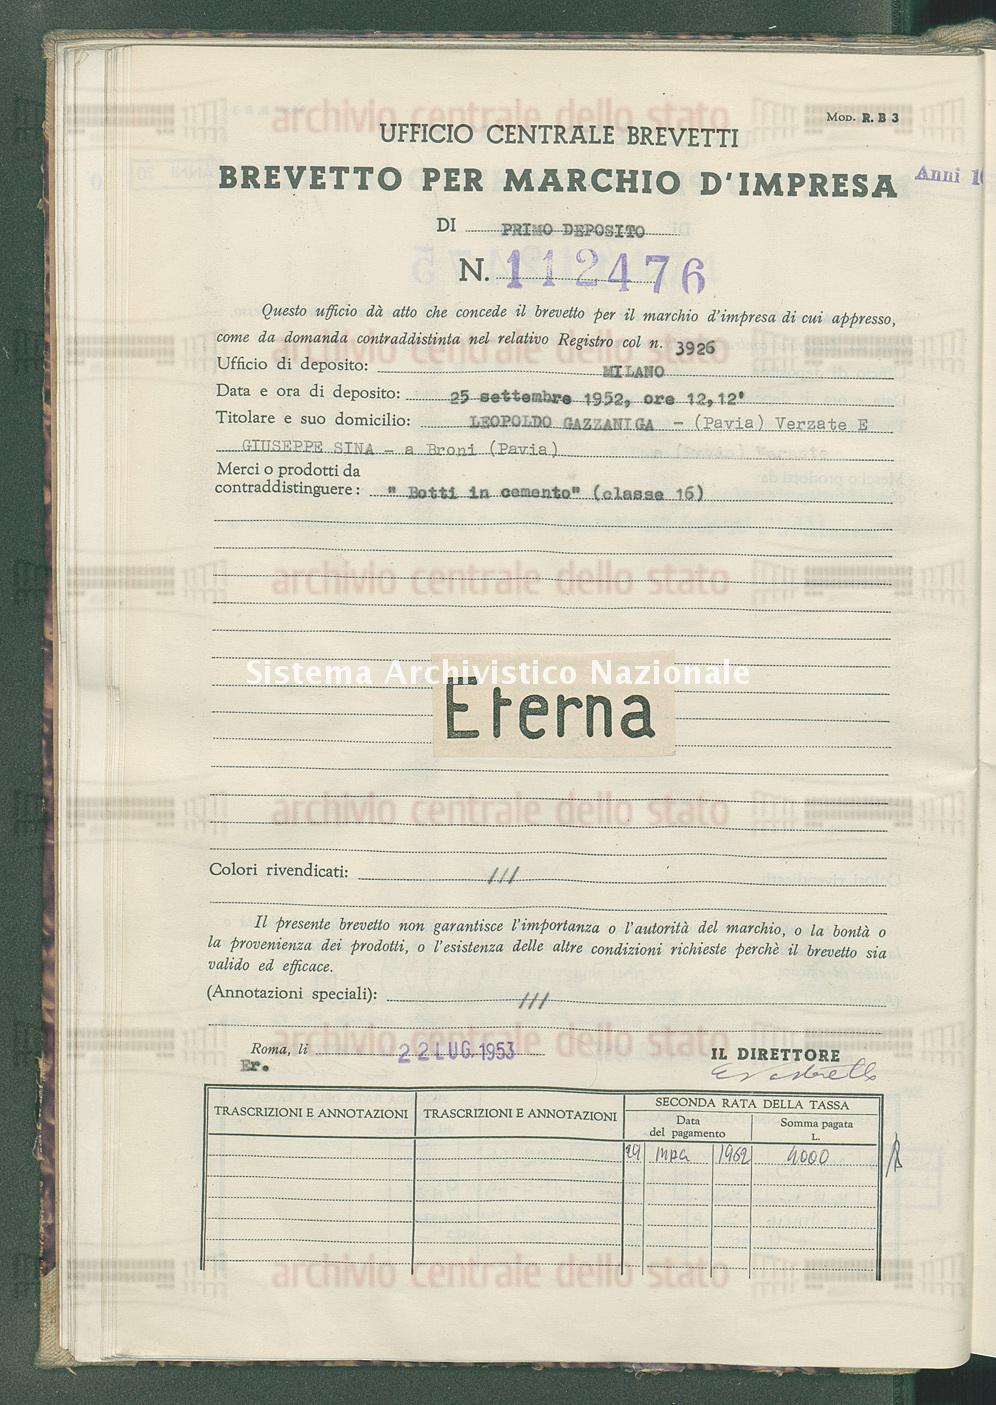 'Botti in cemento' Leopoldo Gazzaniga-(Pavia)Verzato E Giuseppe Bina (22/07/1953)